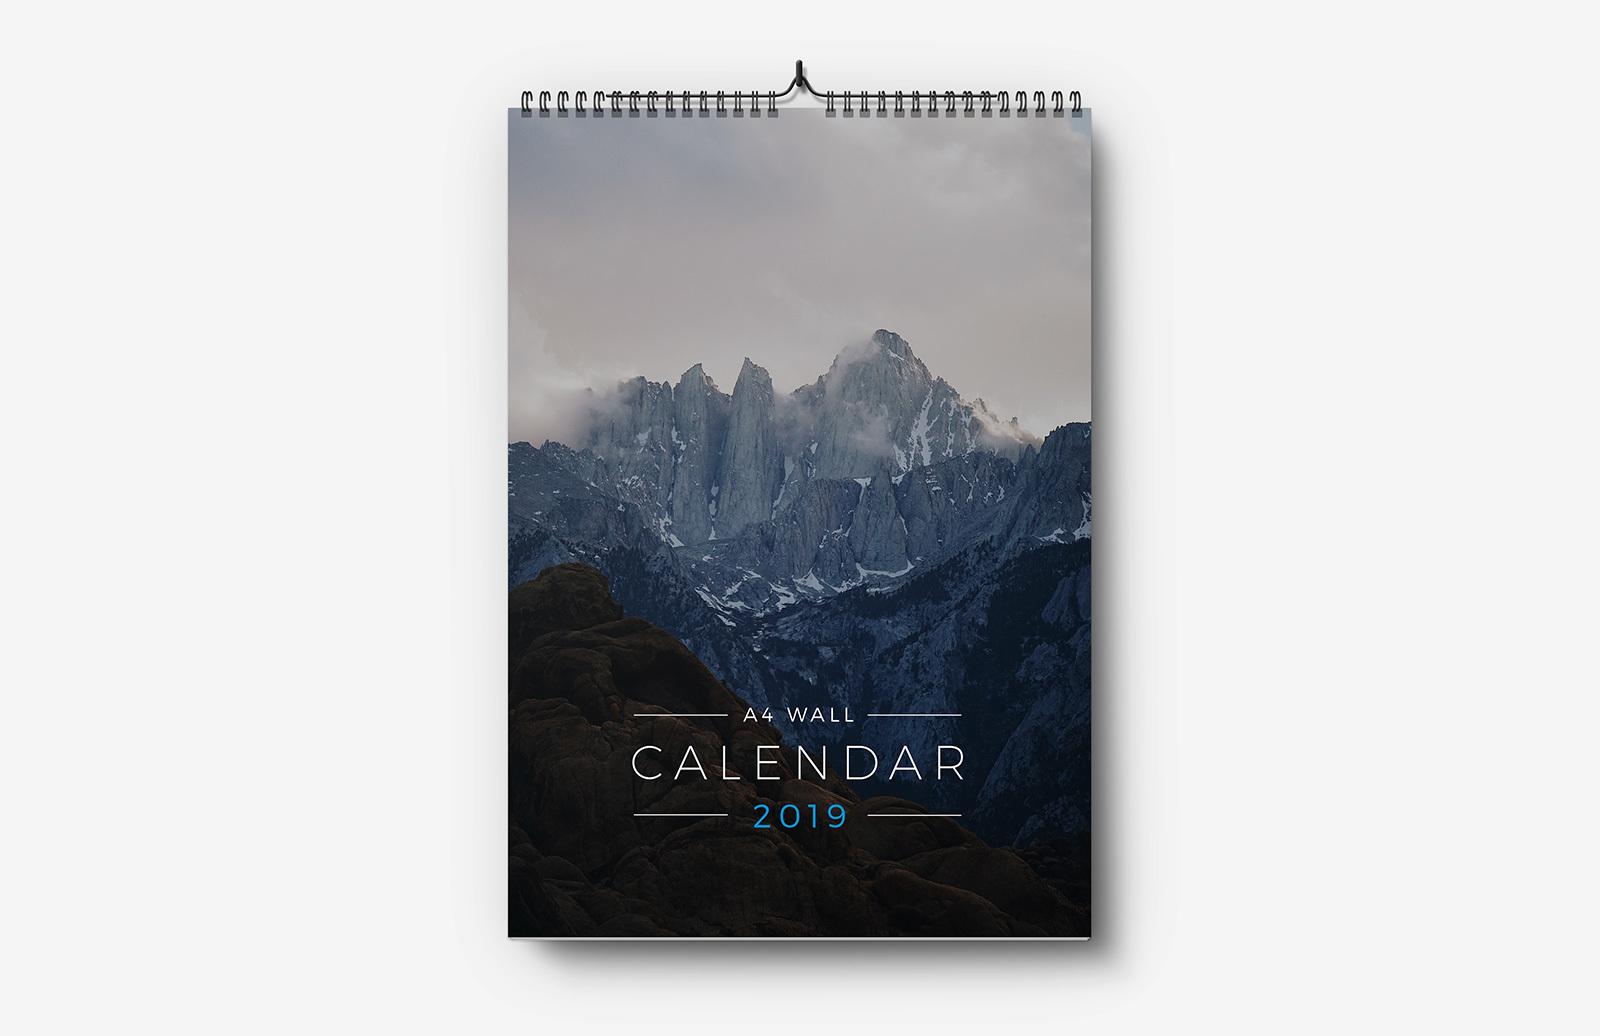 Free A4 Wall Calendar Template 2019